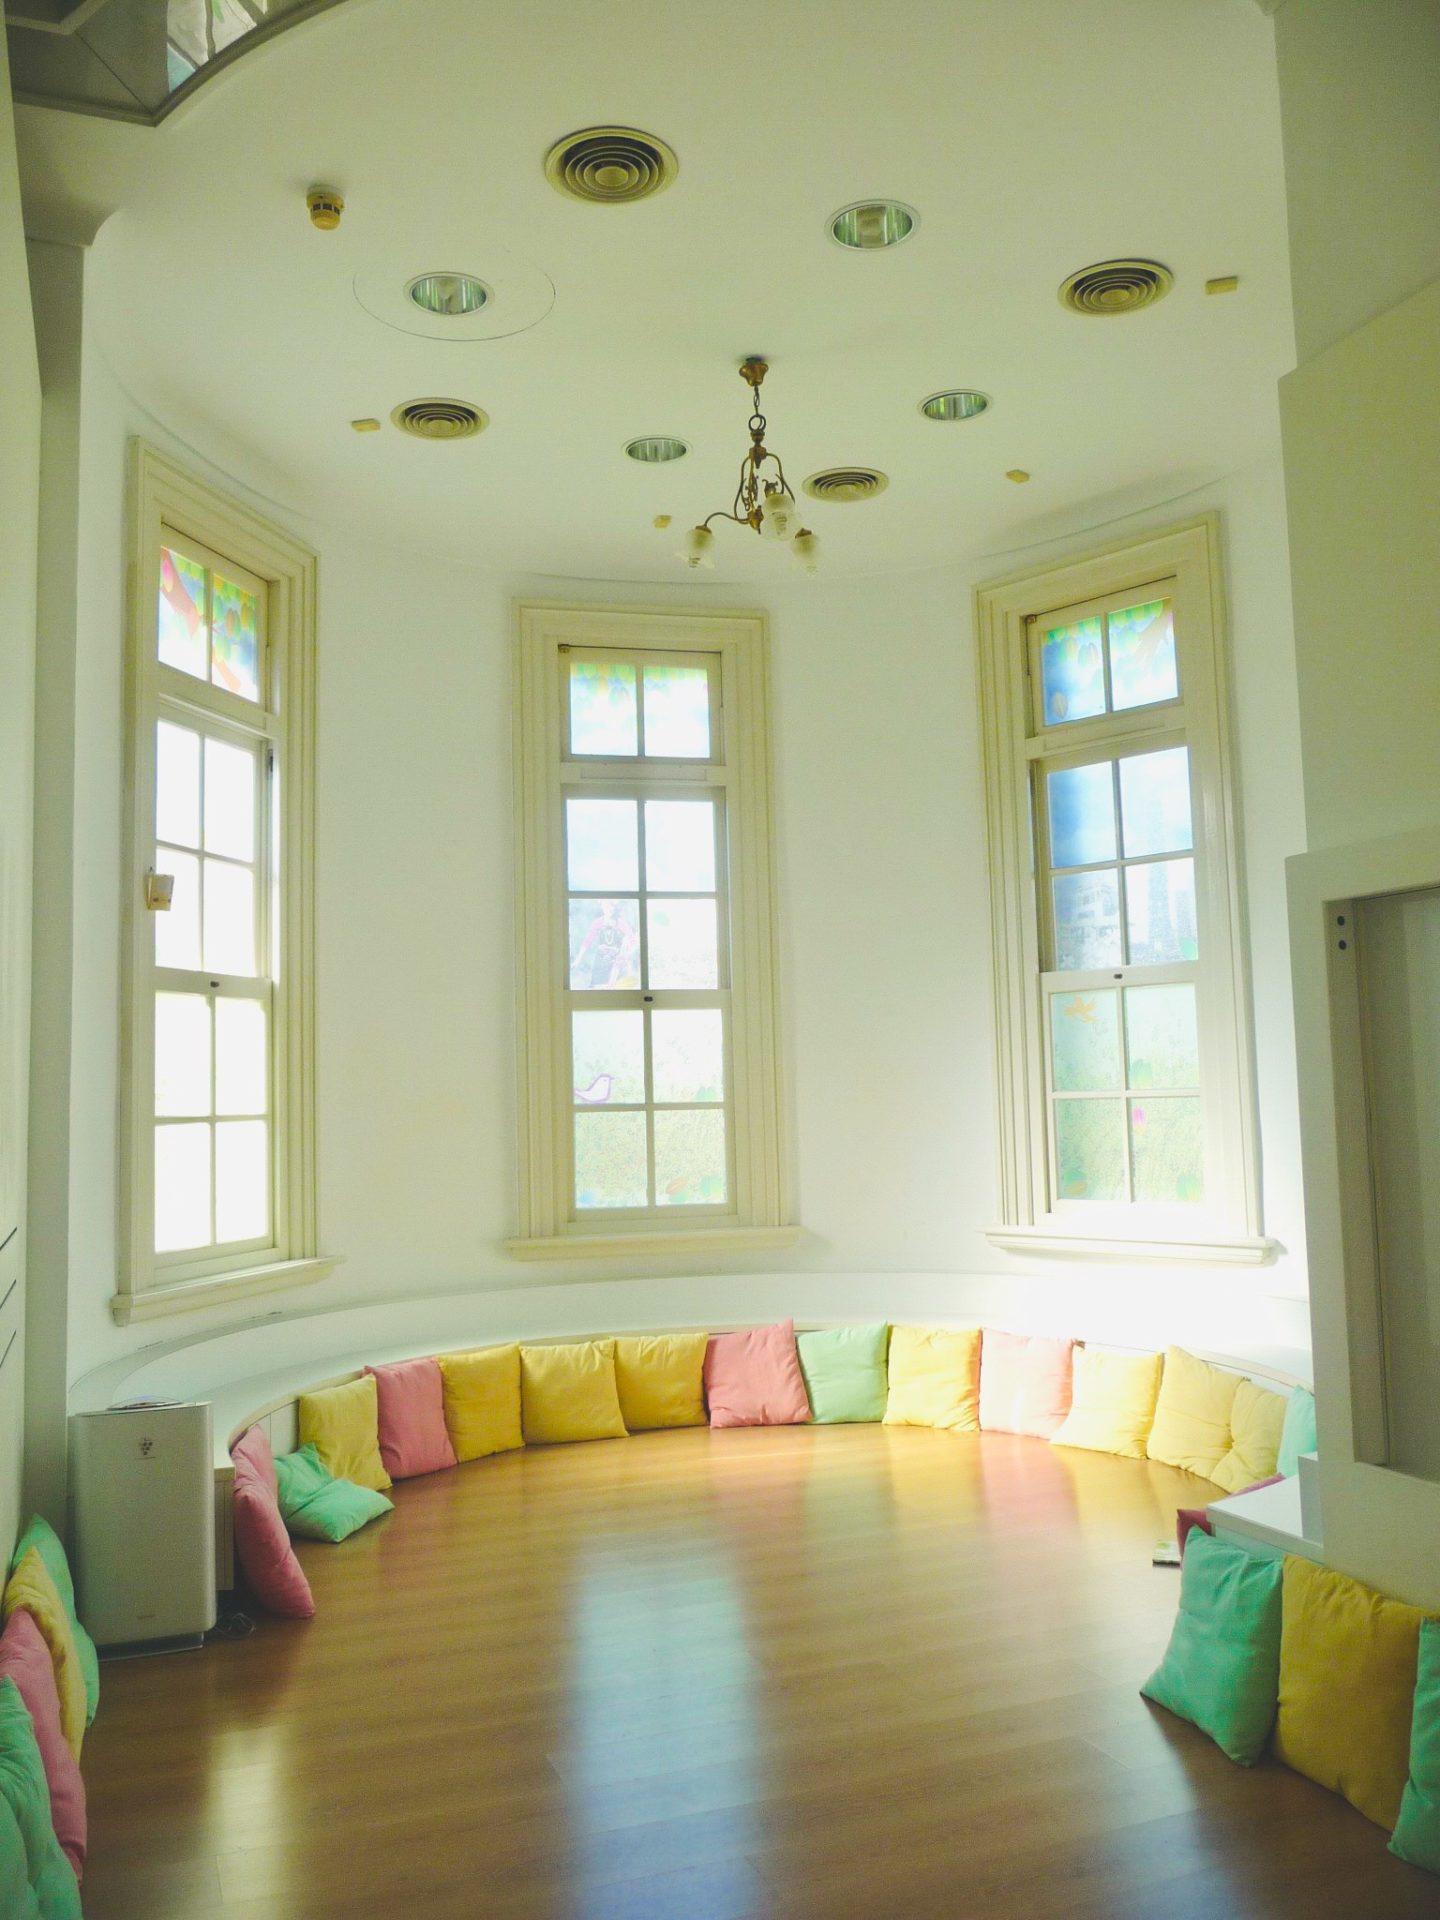 國立臺灣文學館兒童文學書房,圓形凸出的空間吸引大小孩前去久待。攝影/ 施承毅,2014。